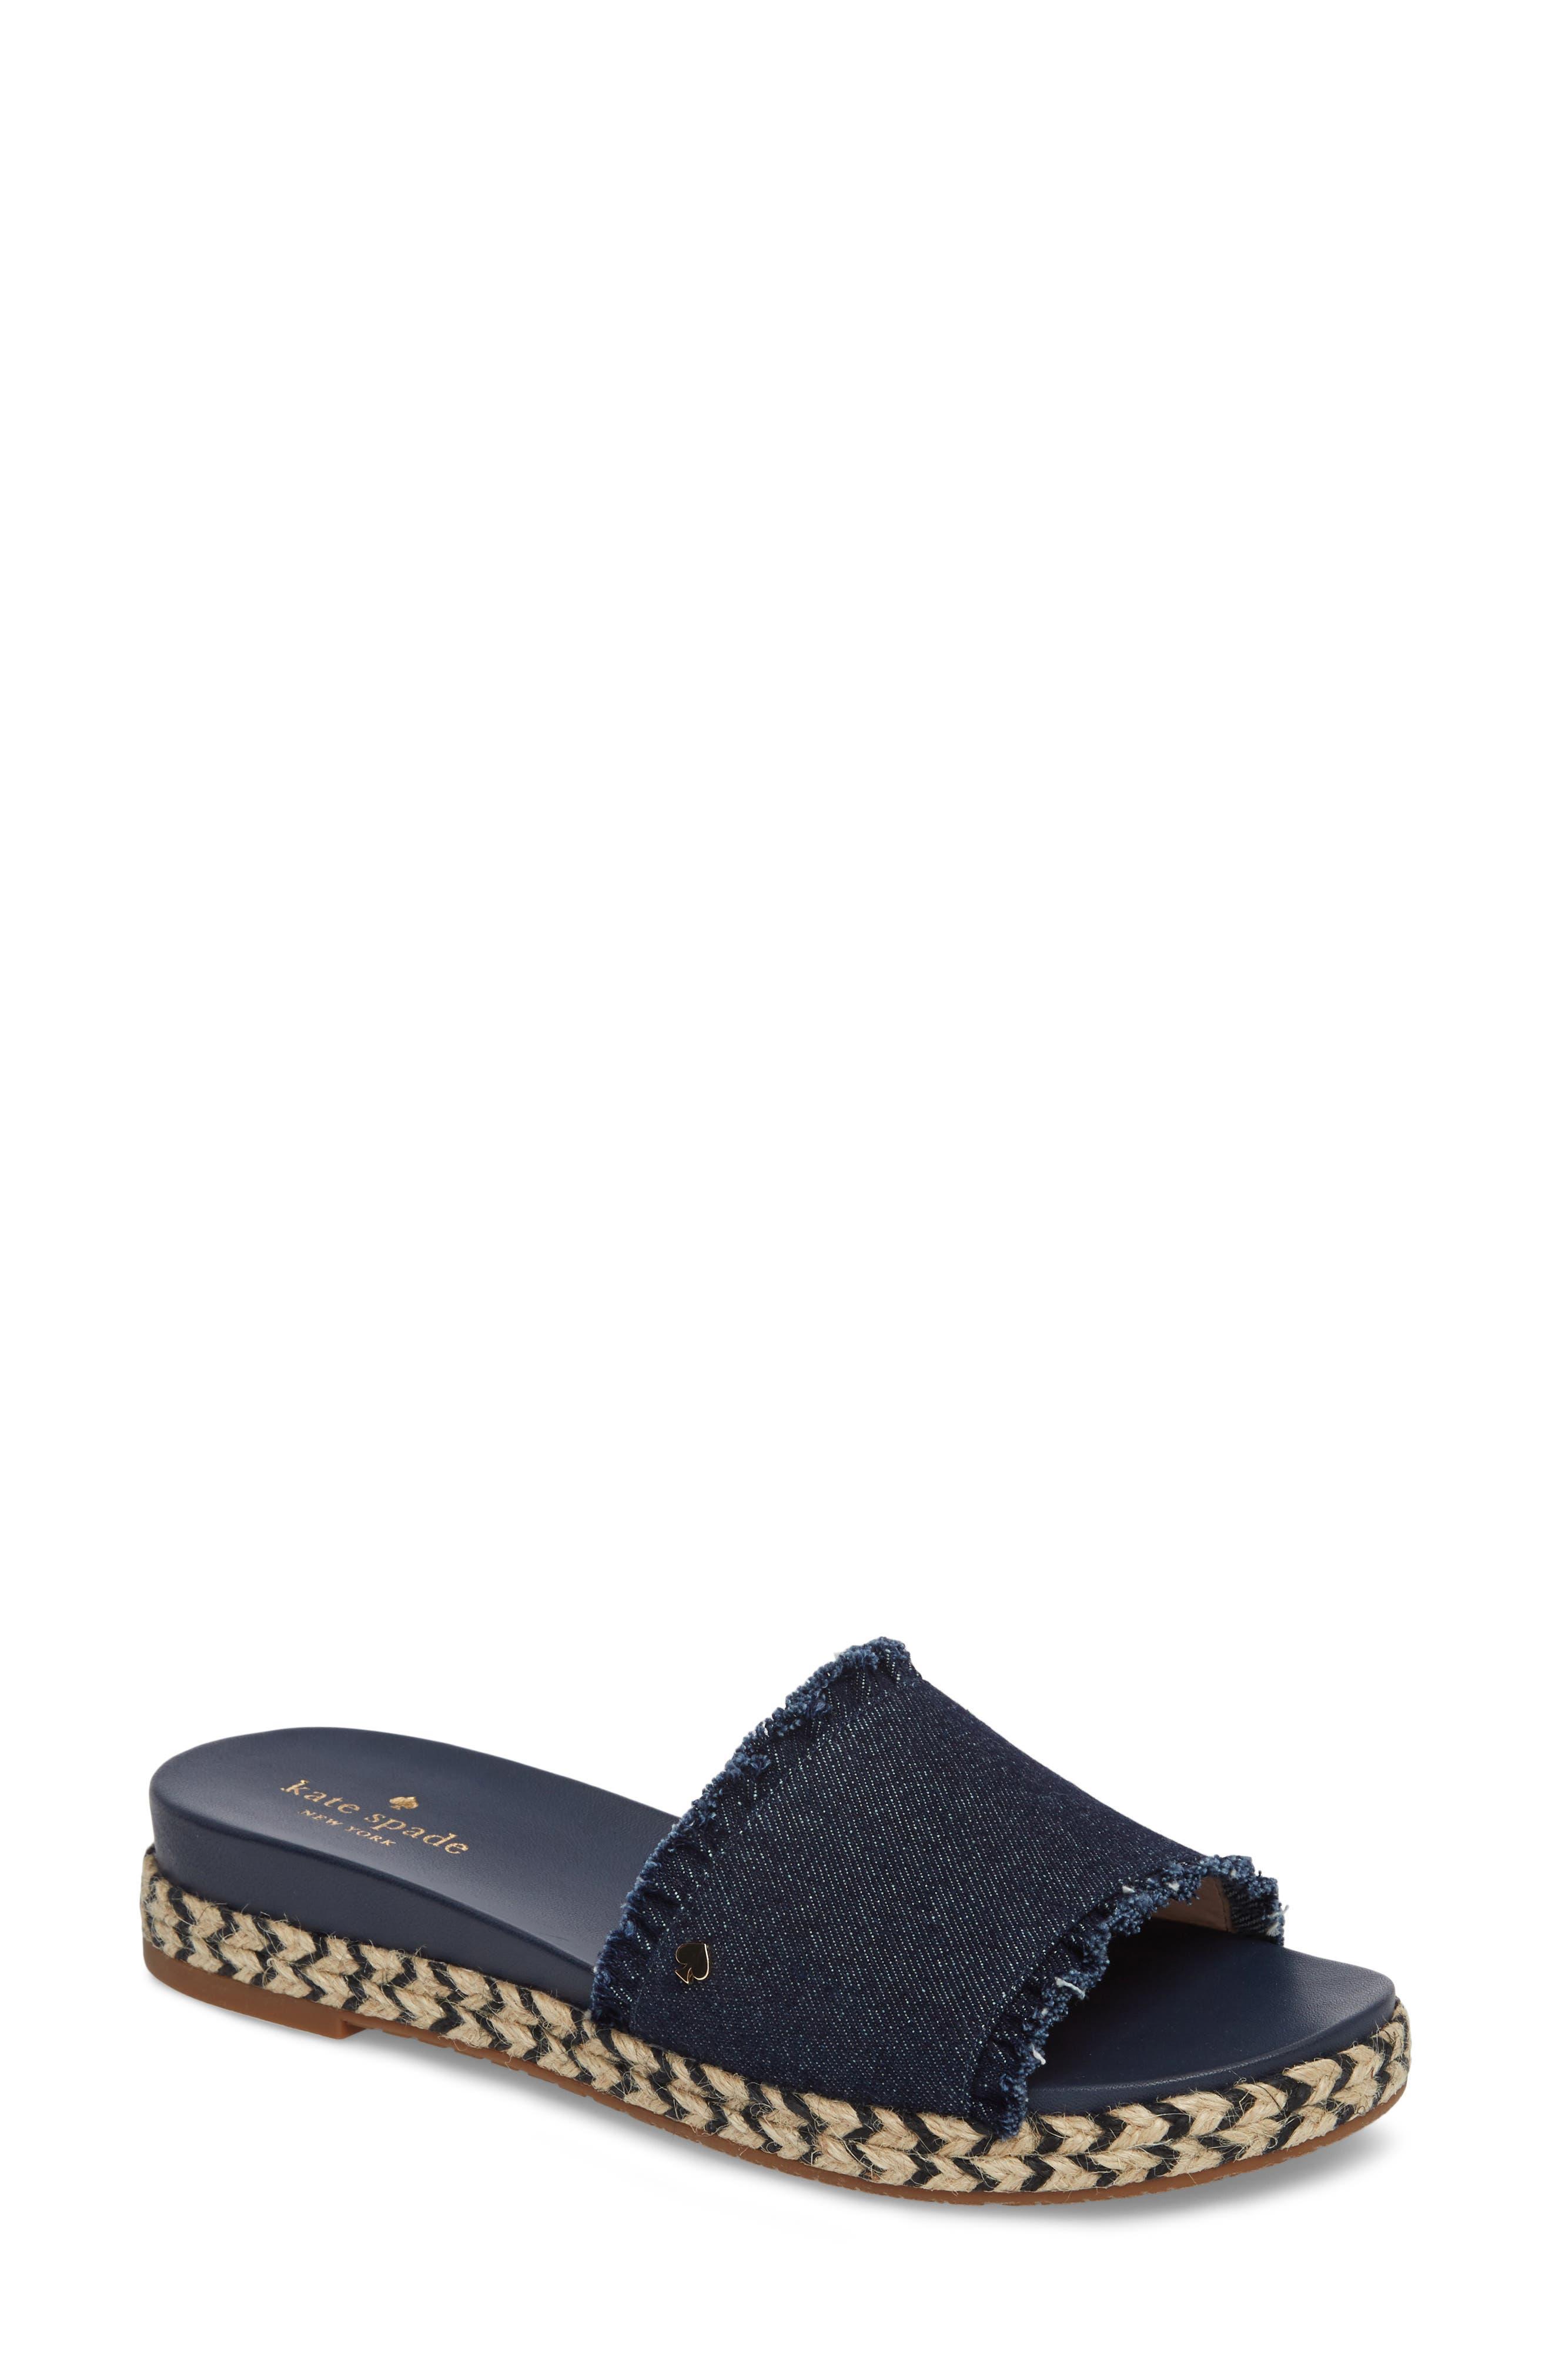 Alternate Image 1 Selected - kate spade new york zahara slide sandal (Women)